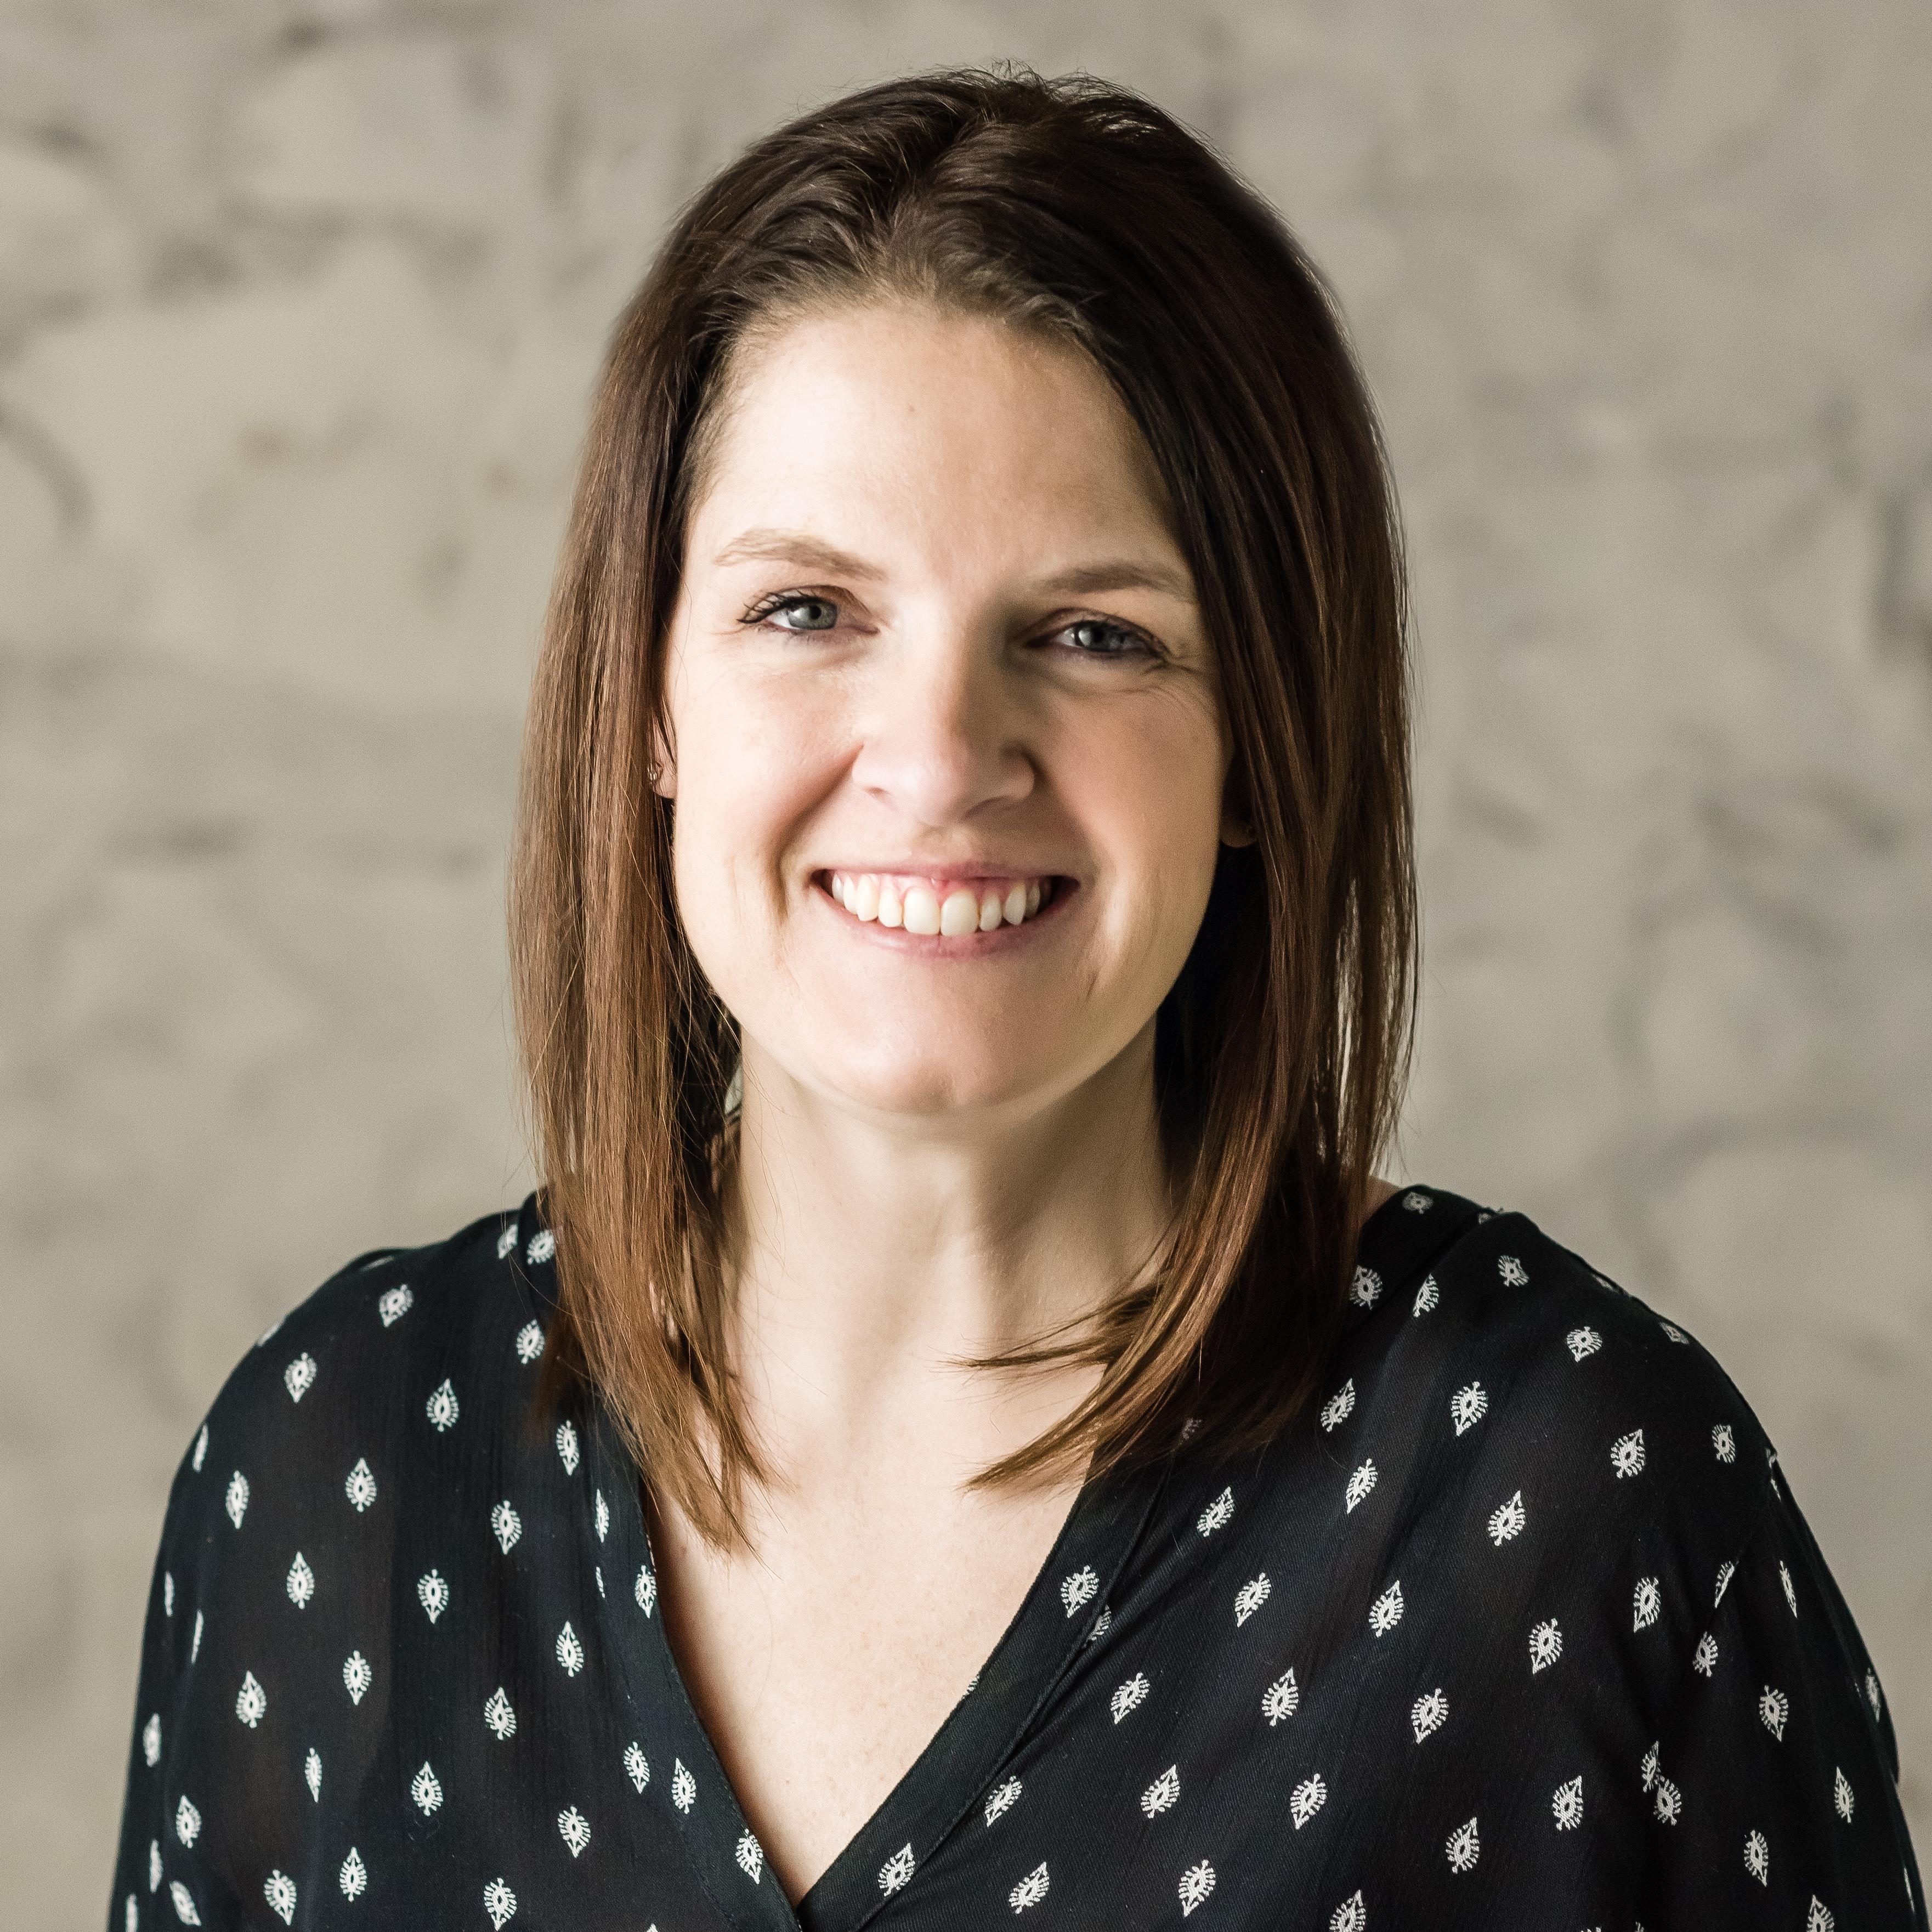 Lindsay Weyer